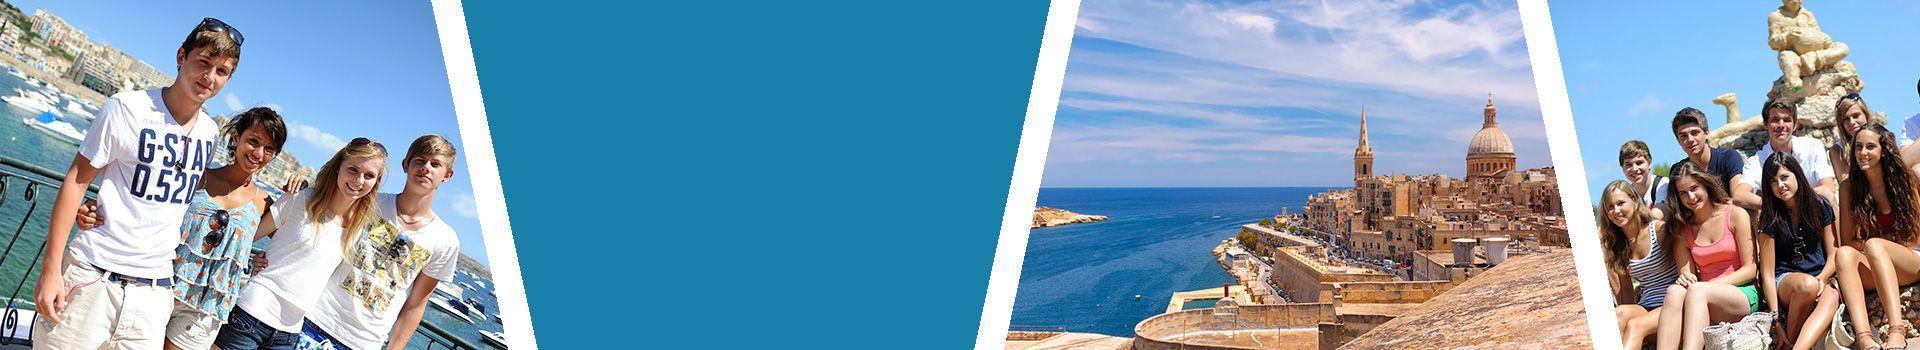 Sprachreise für Schüler nach St. Paul's Bay auf Malta